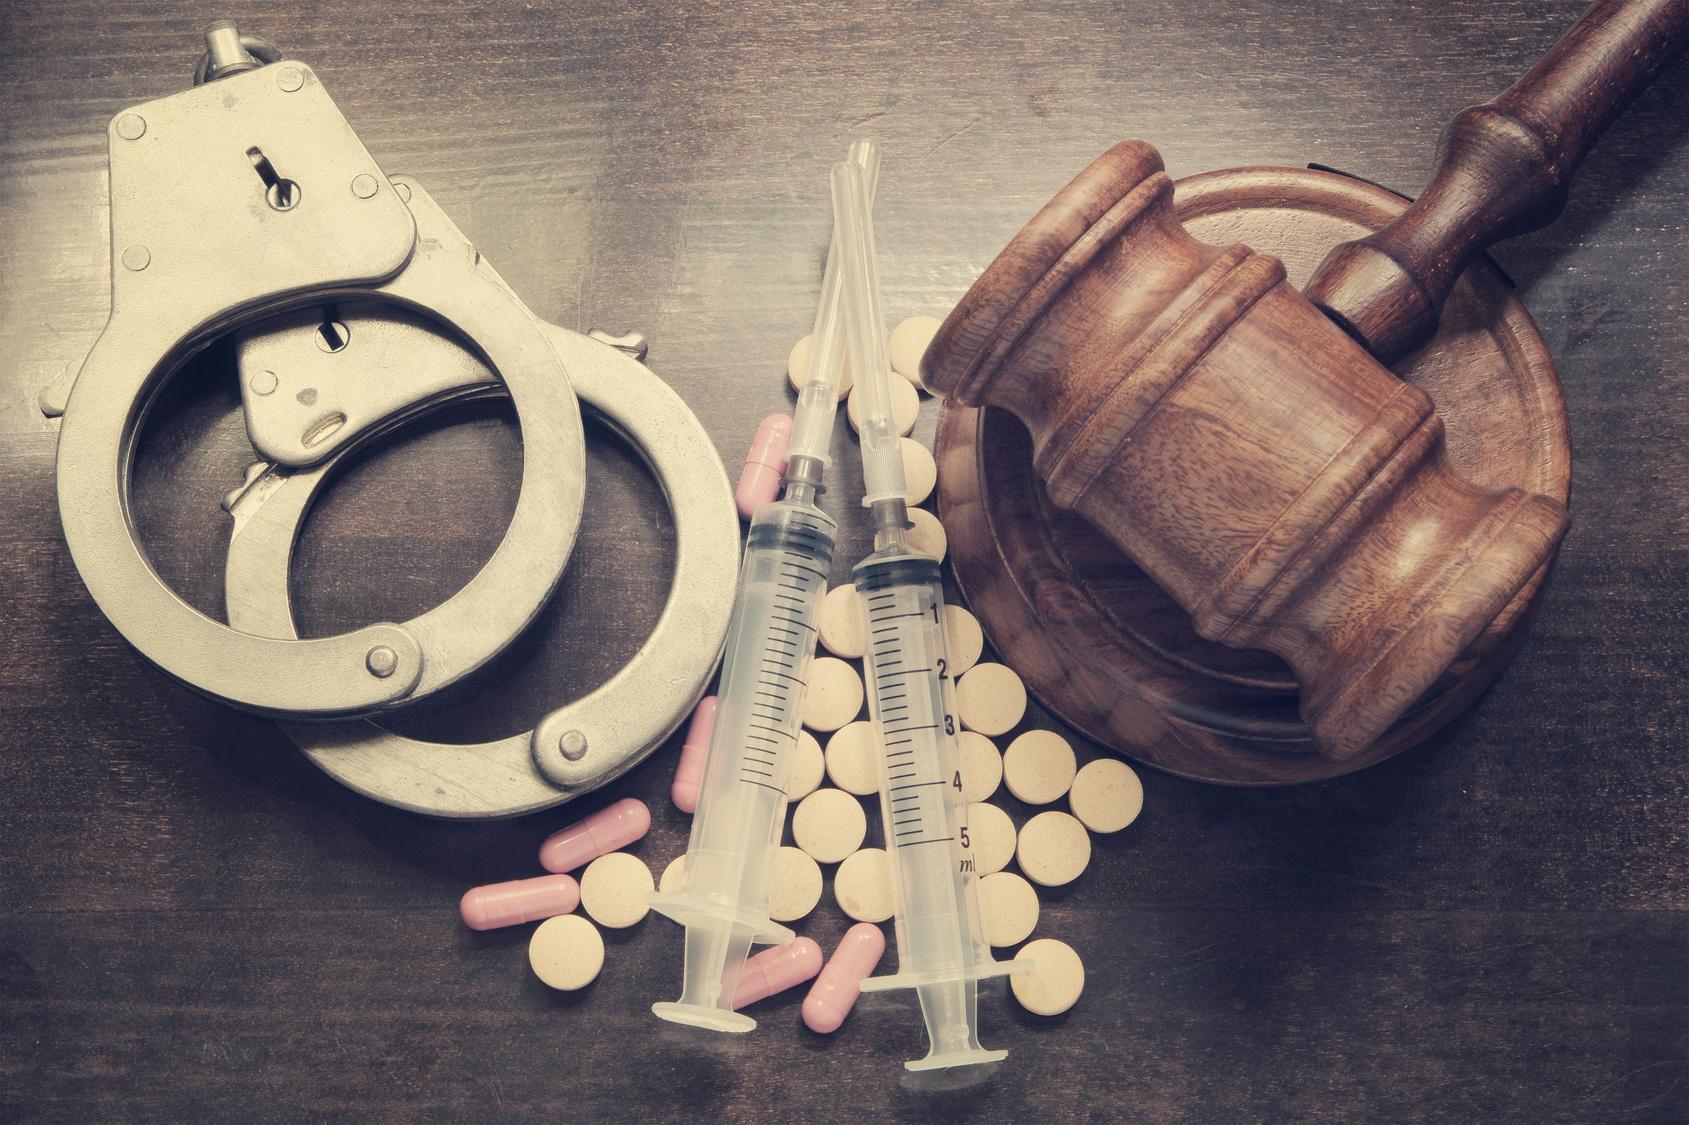 Correctional Managed Care Funding